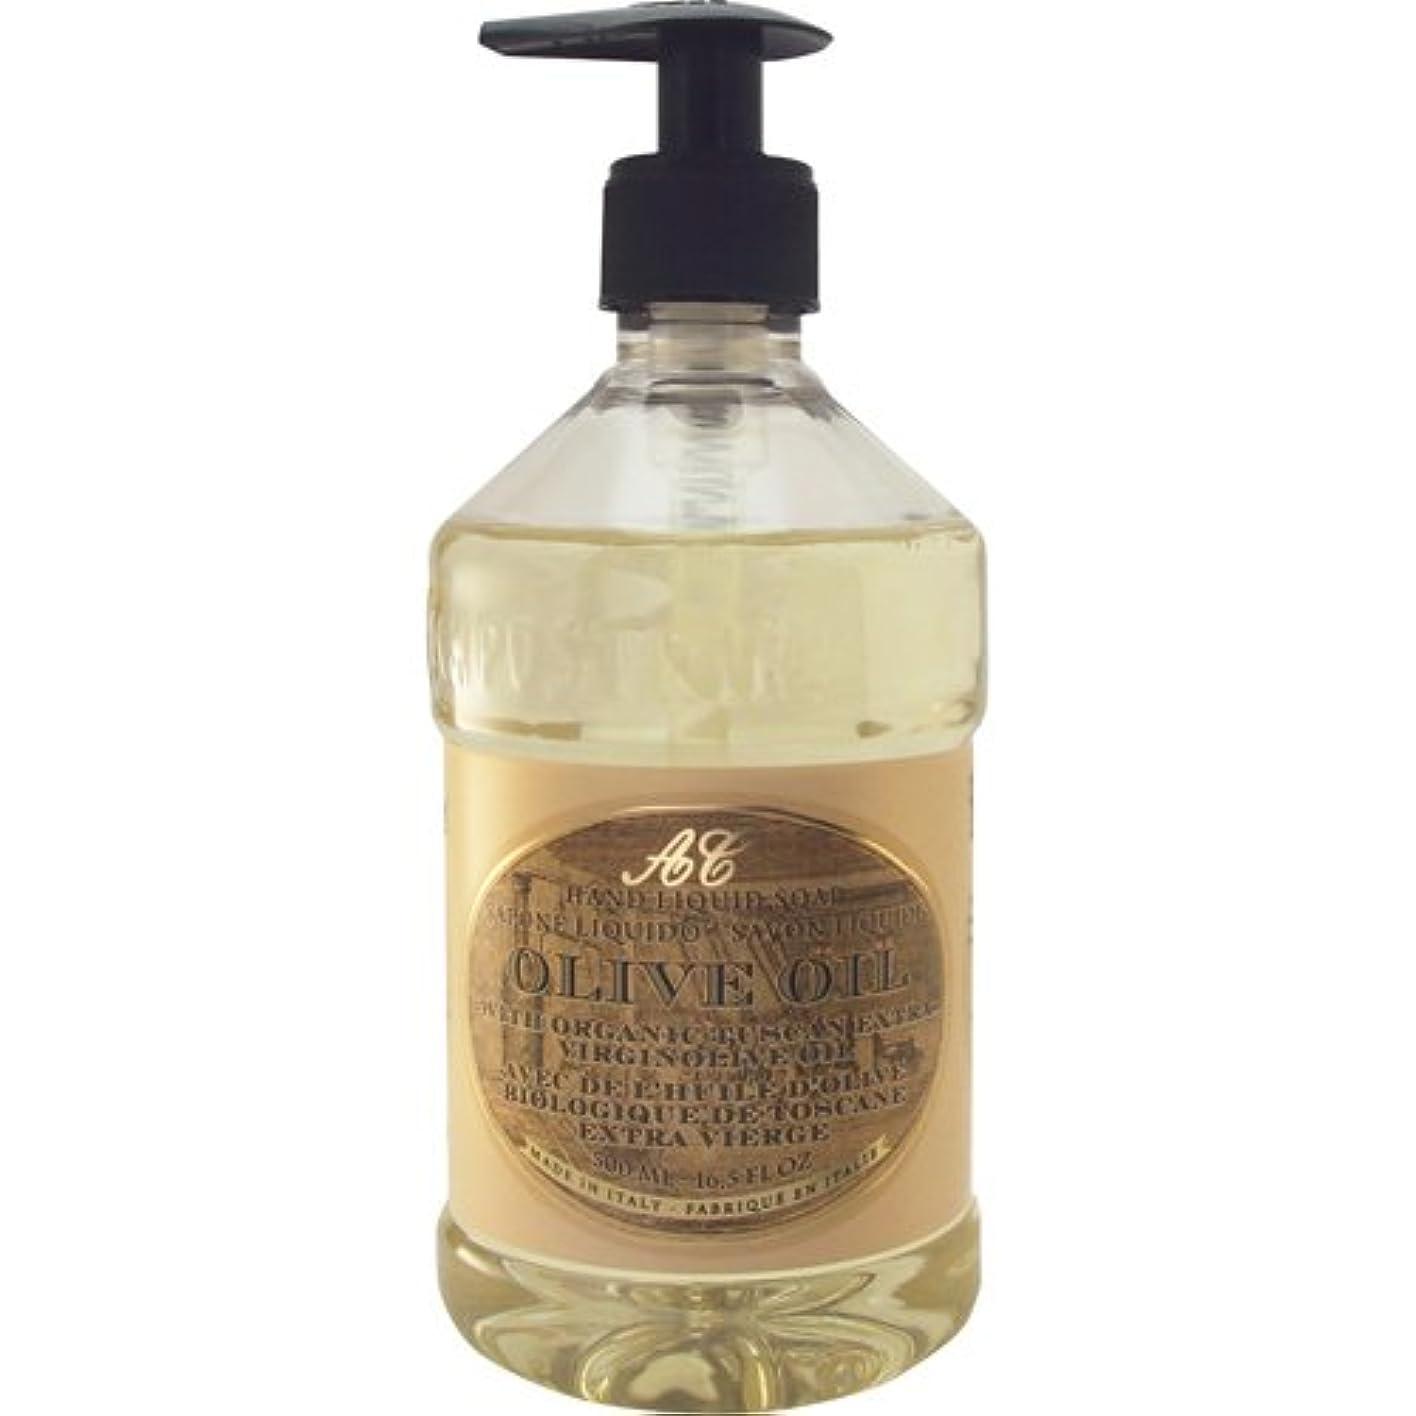 懇願する呼びかける協同Saponerire Fissi レトロシリーズ Liquid Soap リキッドソープ 500ml Olive Oil オリーブオイル